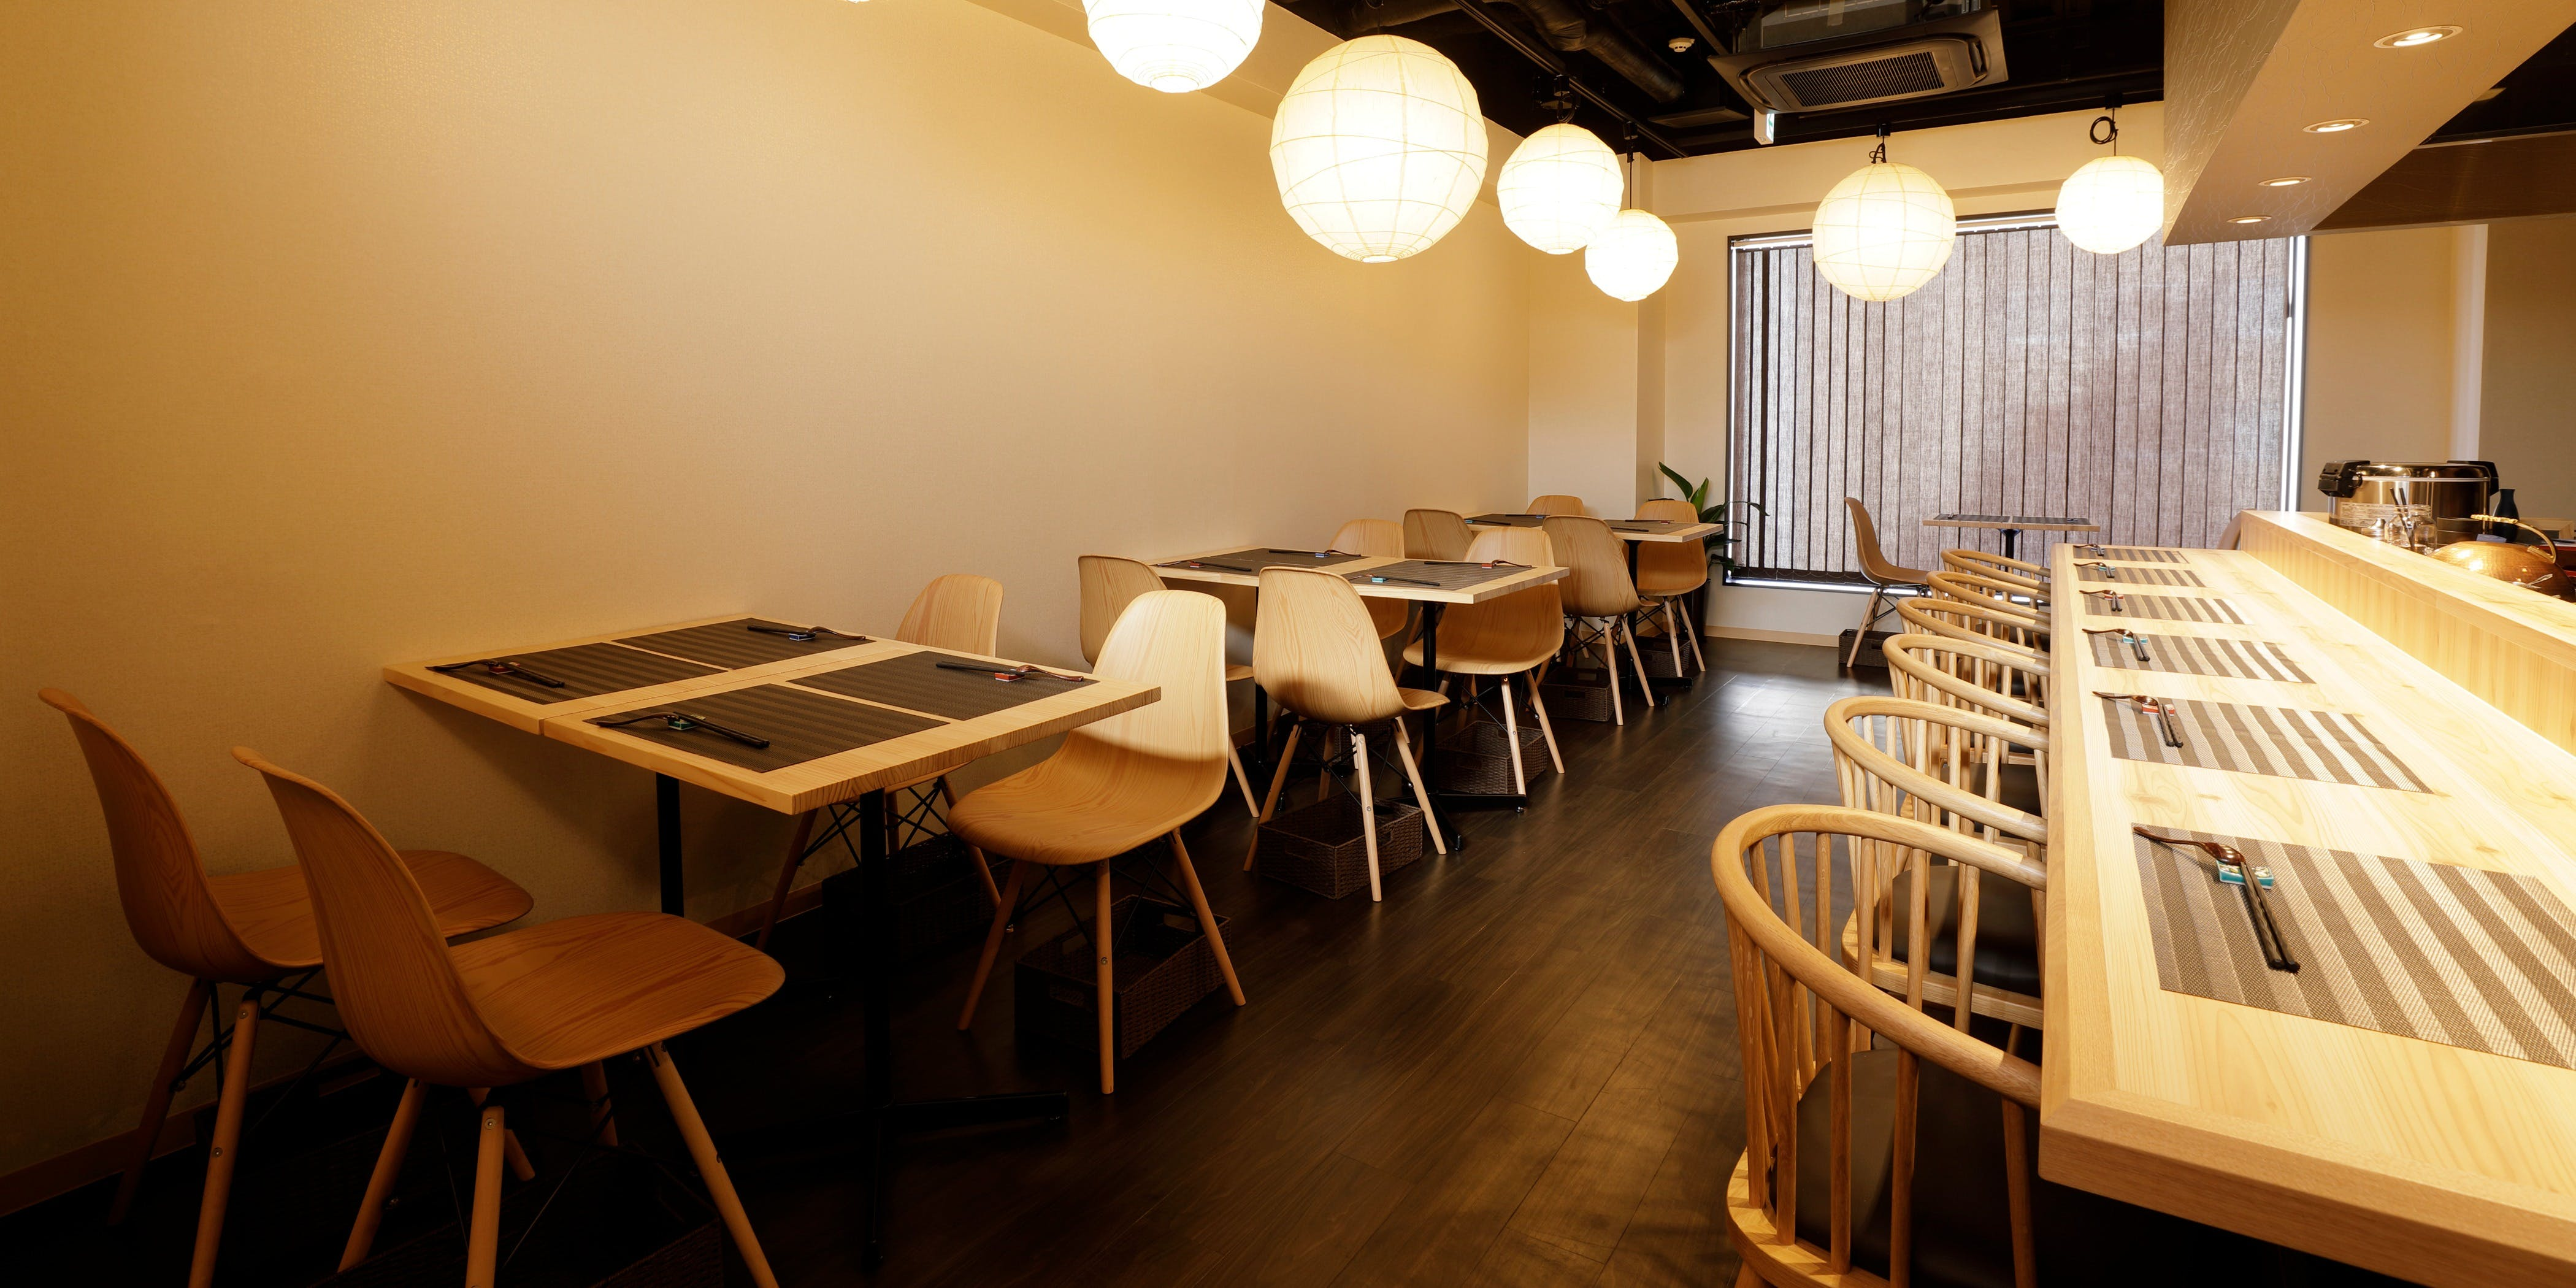 記念日におすすめのレストラン・鉄板焼 浅草 KUDAKAの写真1